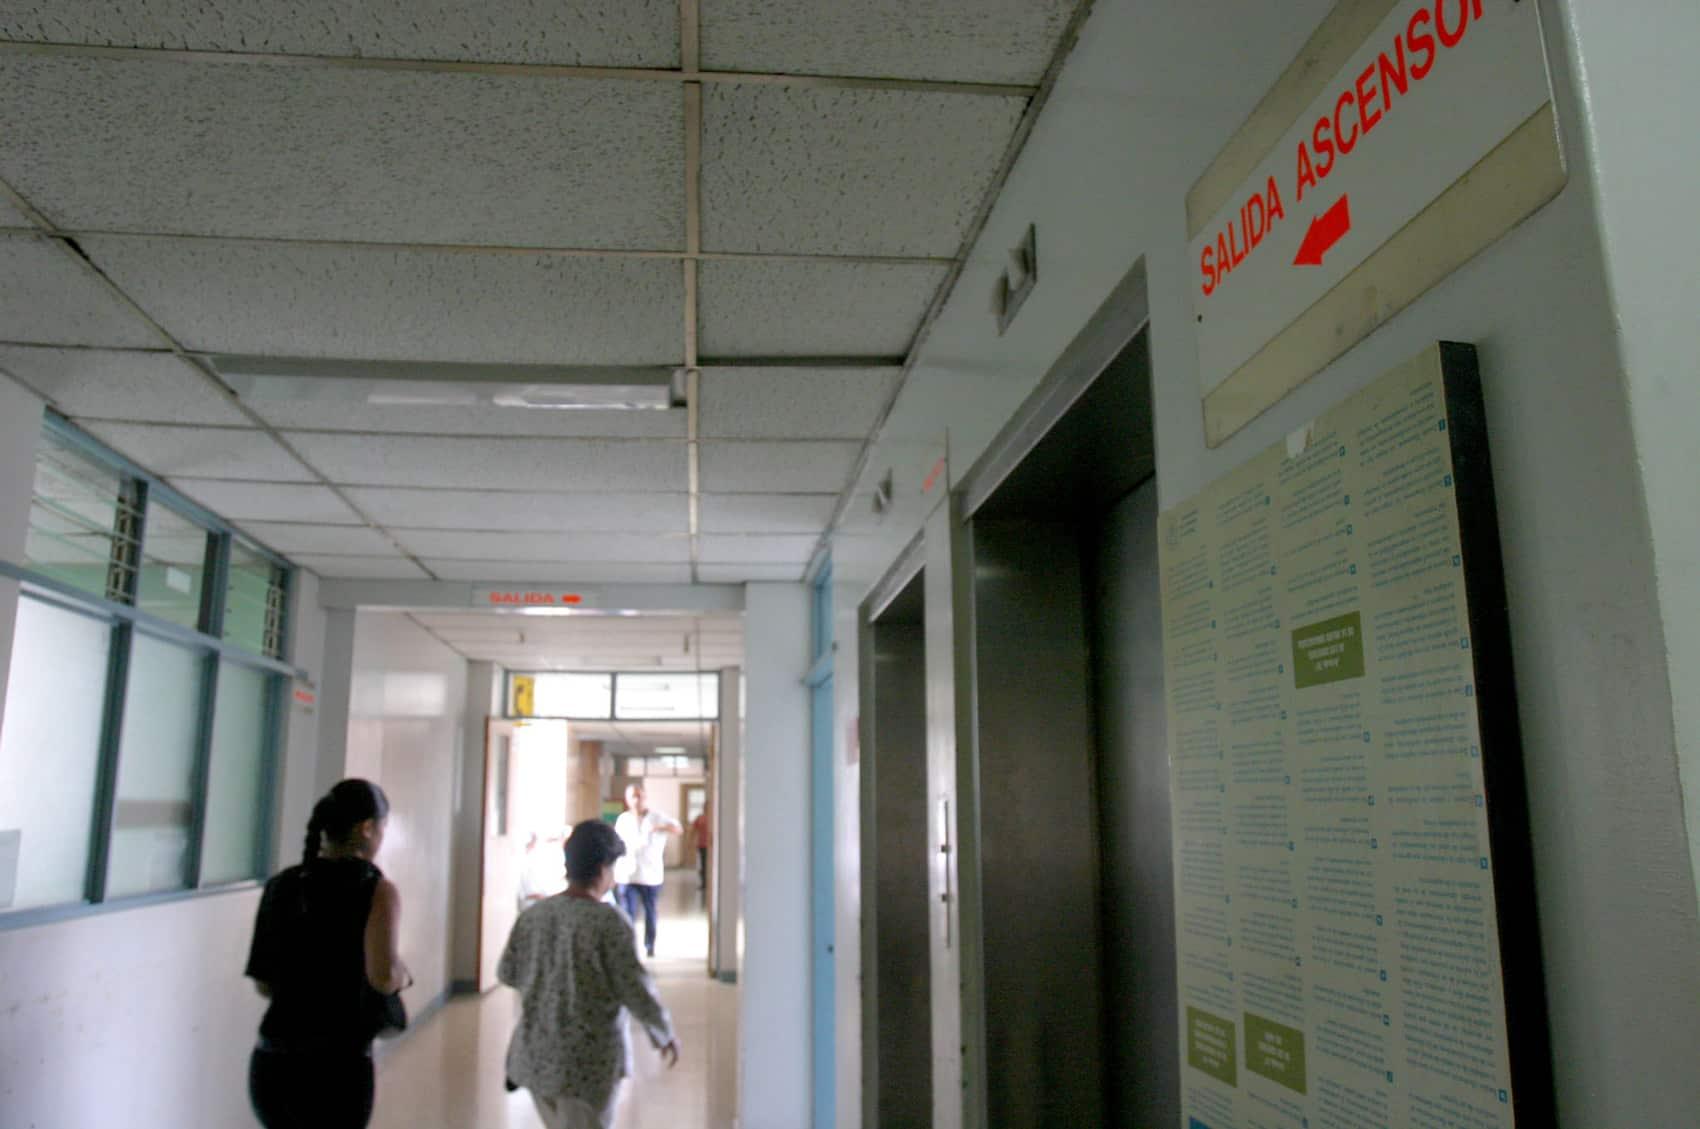 San Juan de Dios Hospital, Costa Rica